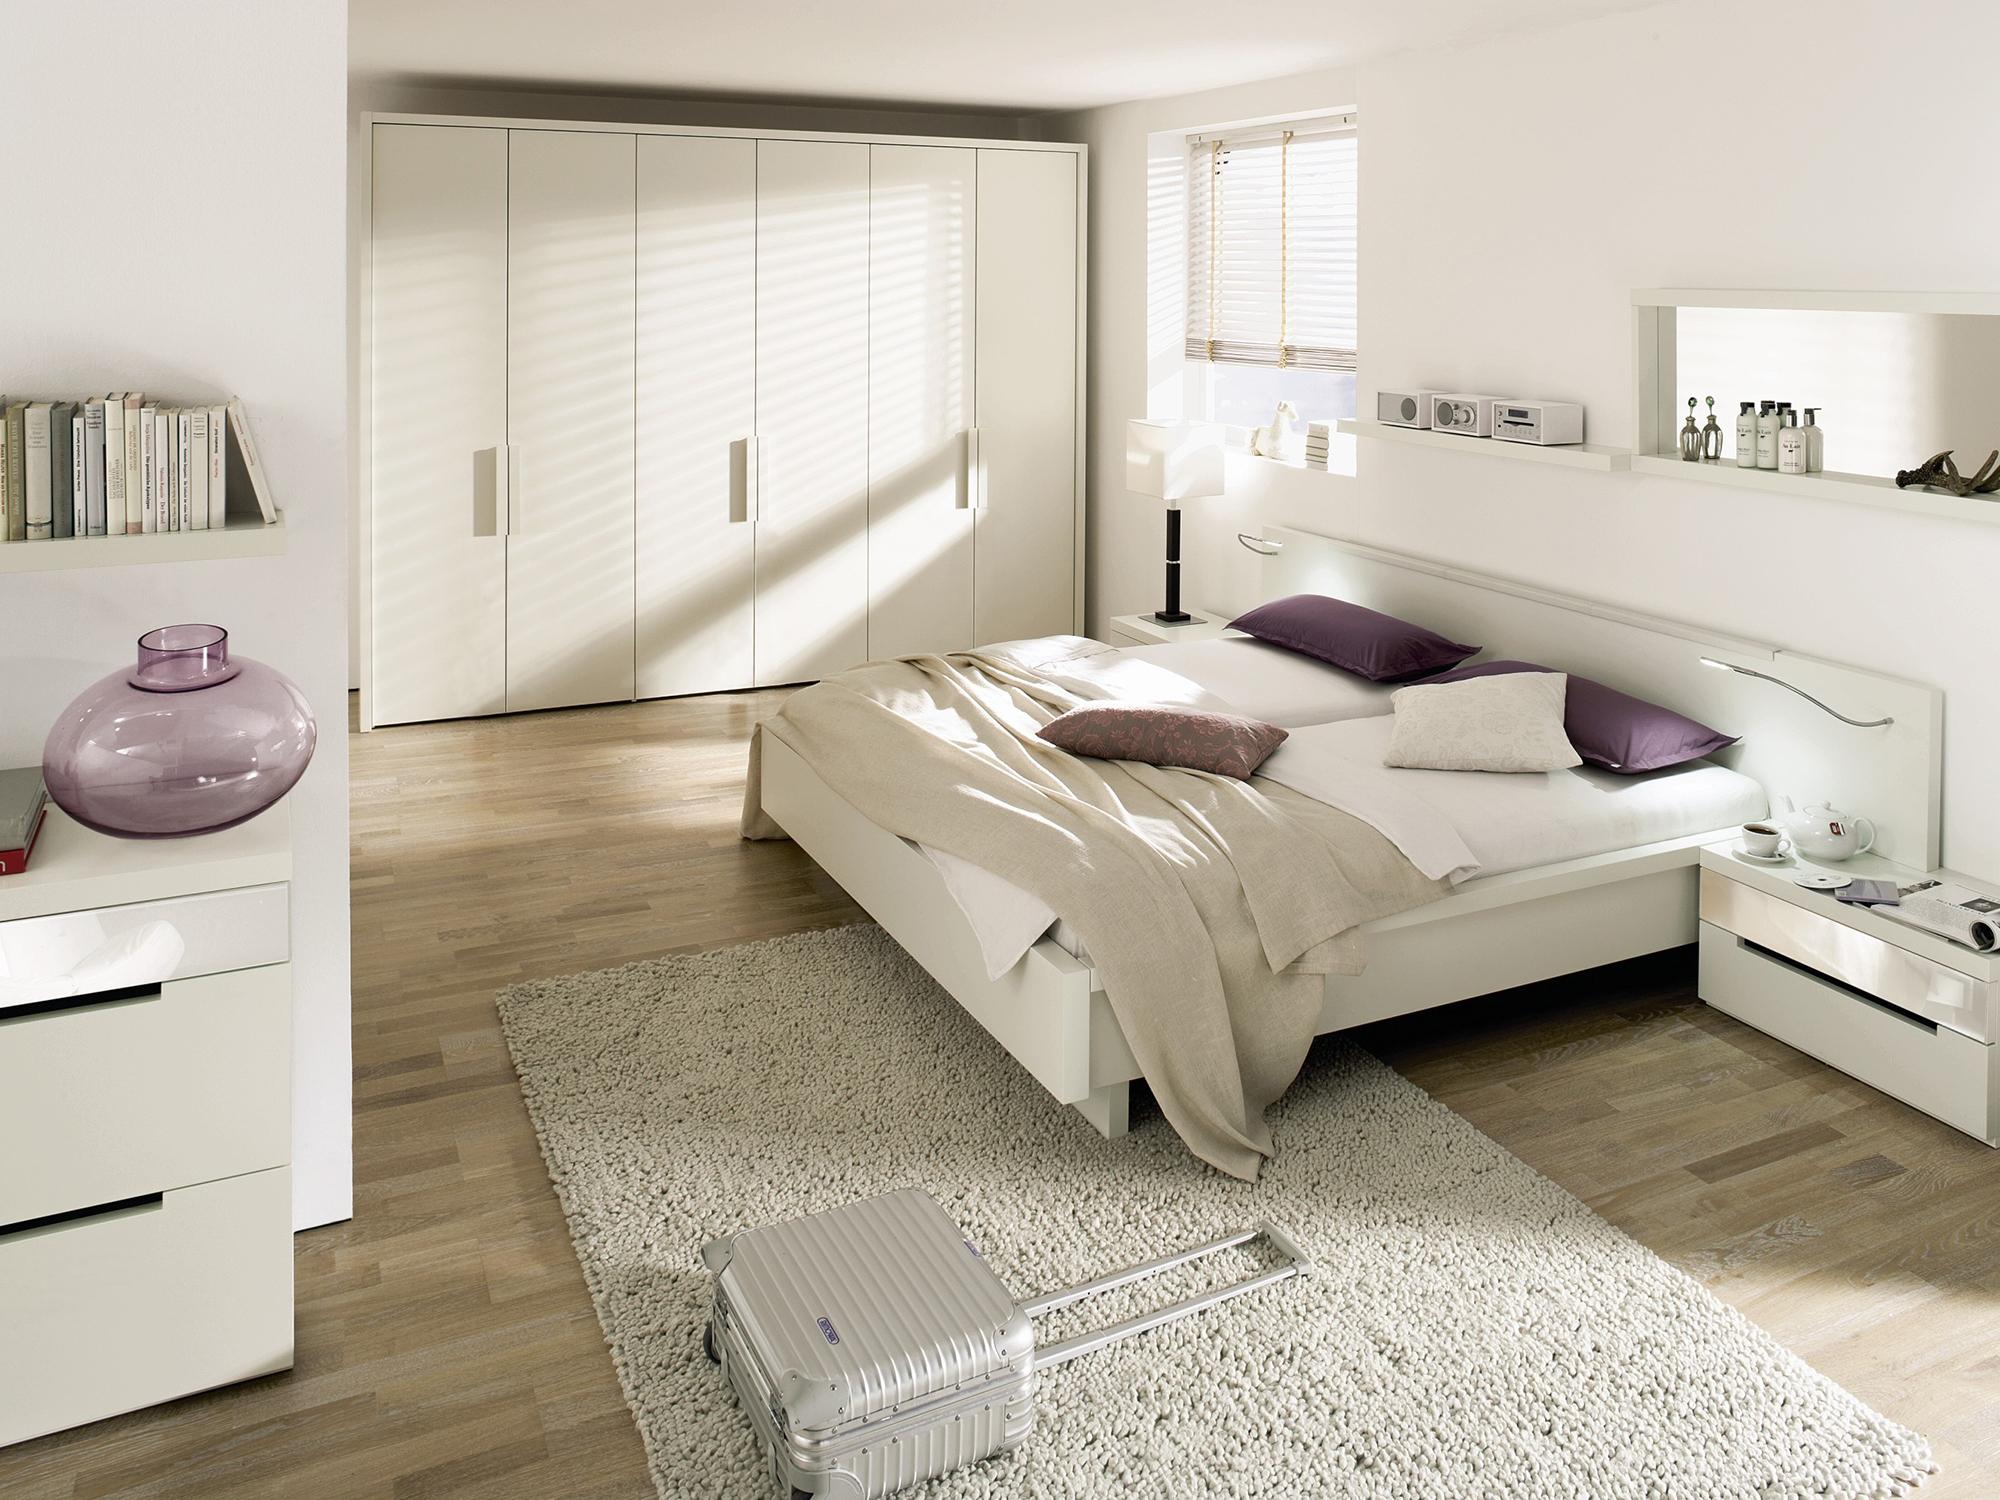 Белая спальня в стиле хай-тек с бежевыми и фиолетовыми акцентами